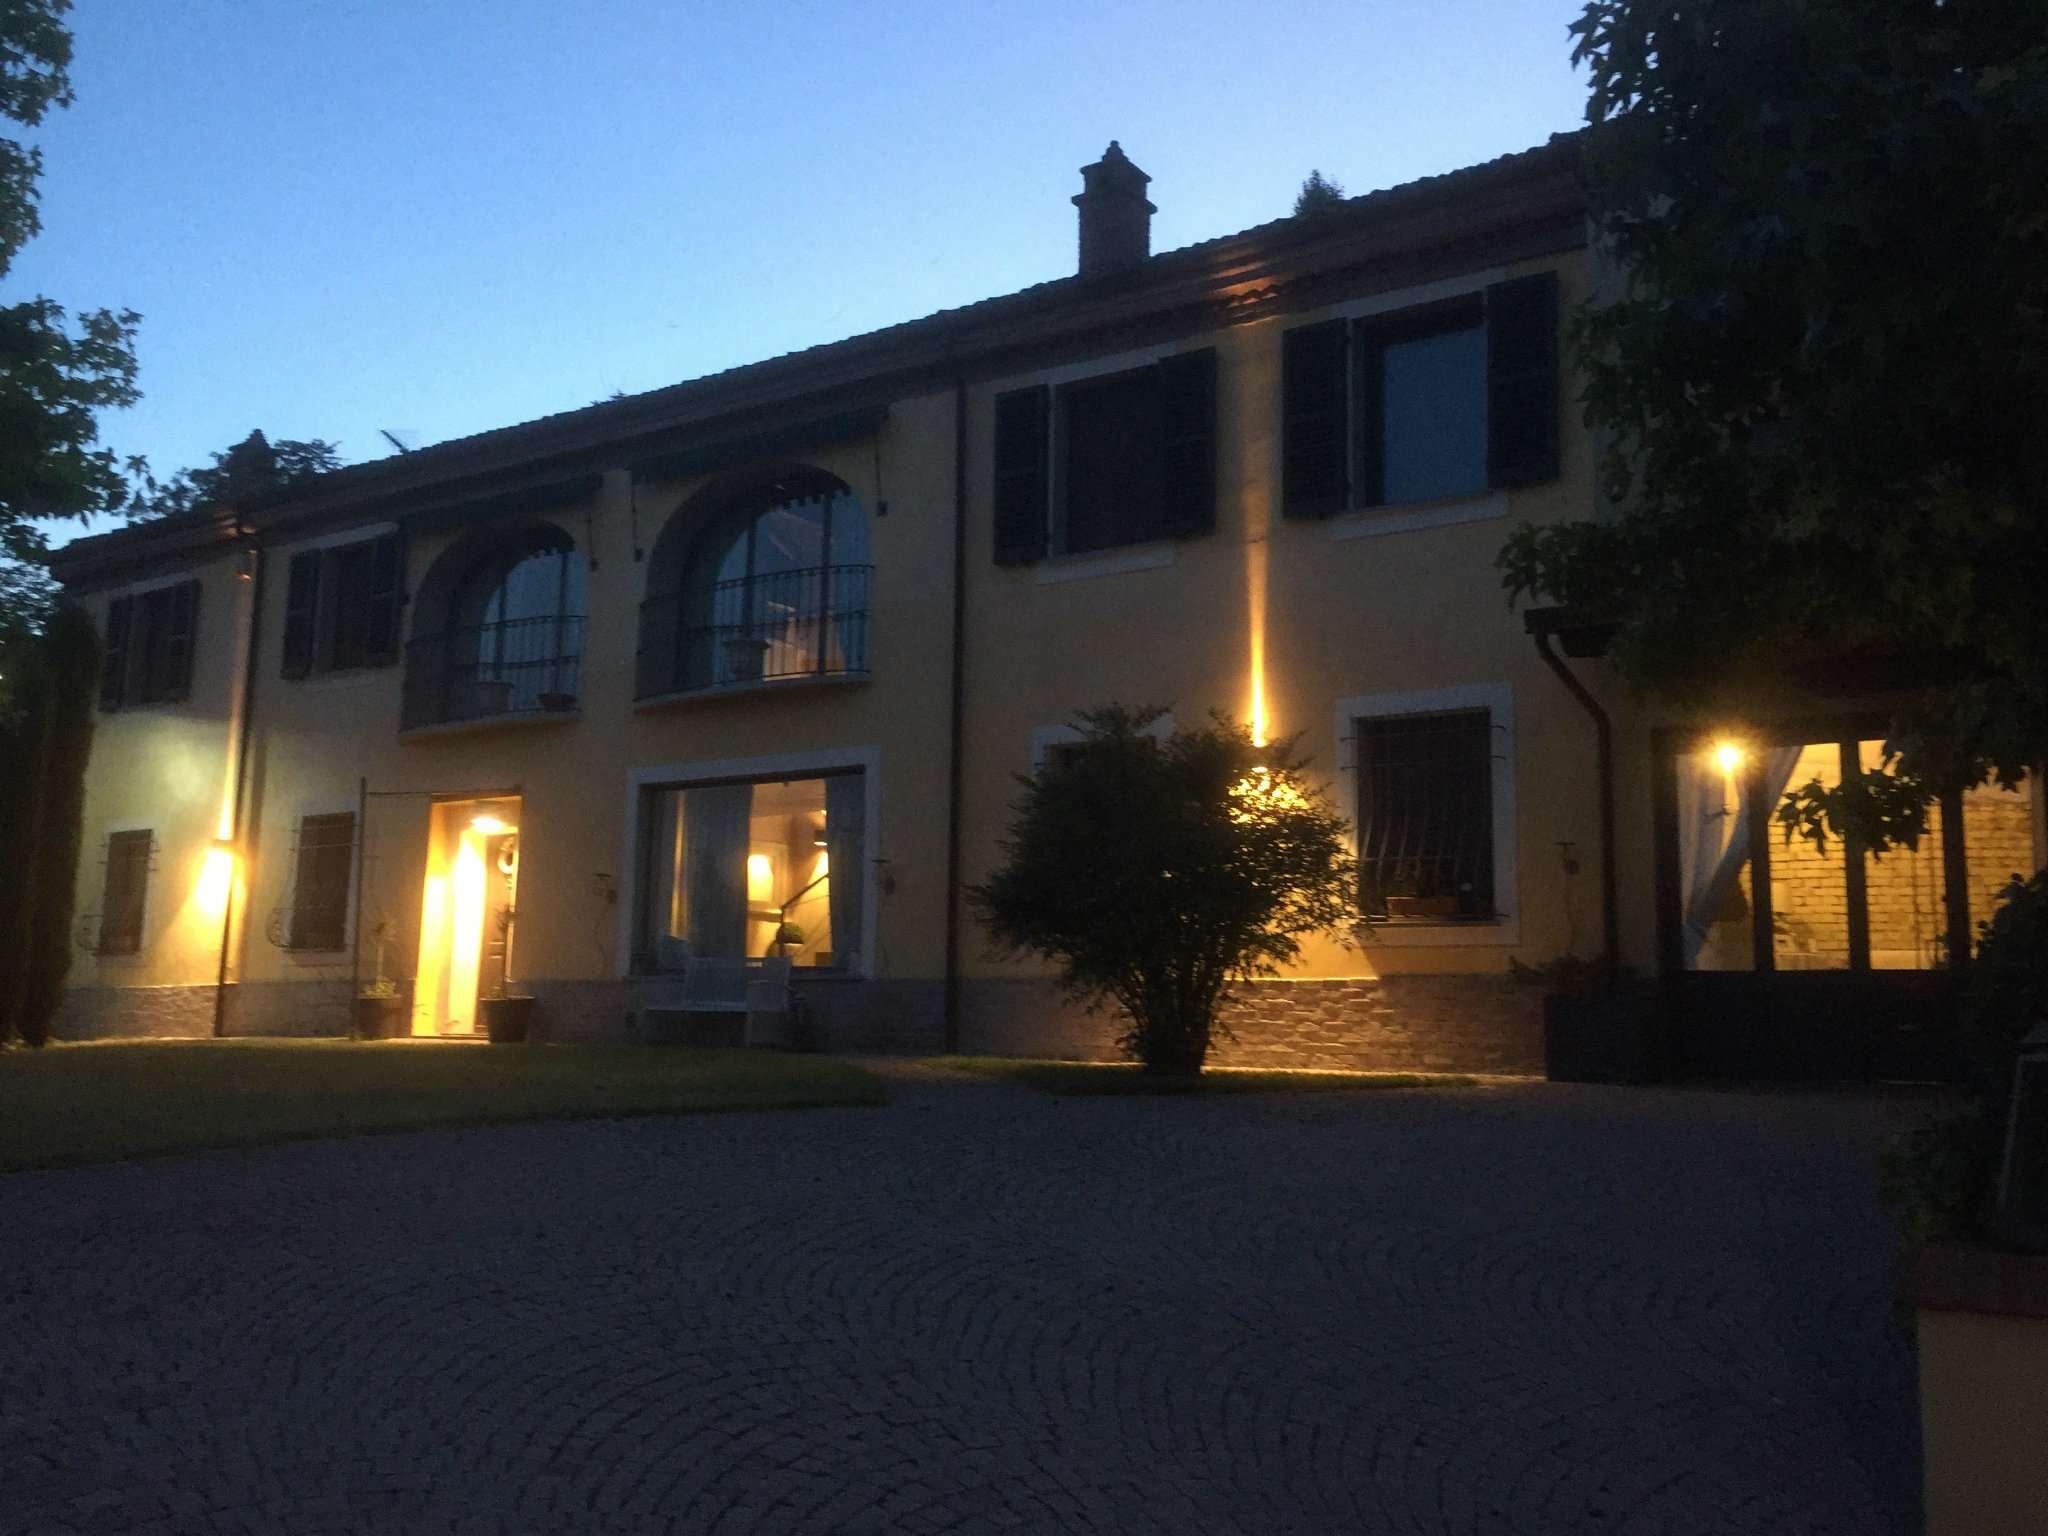 Villa in vendita a Montecastello, 4 locali, Trattative riservate | CambioCasa.it